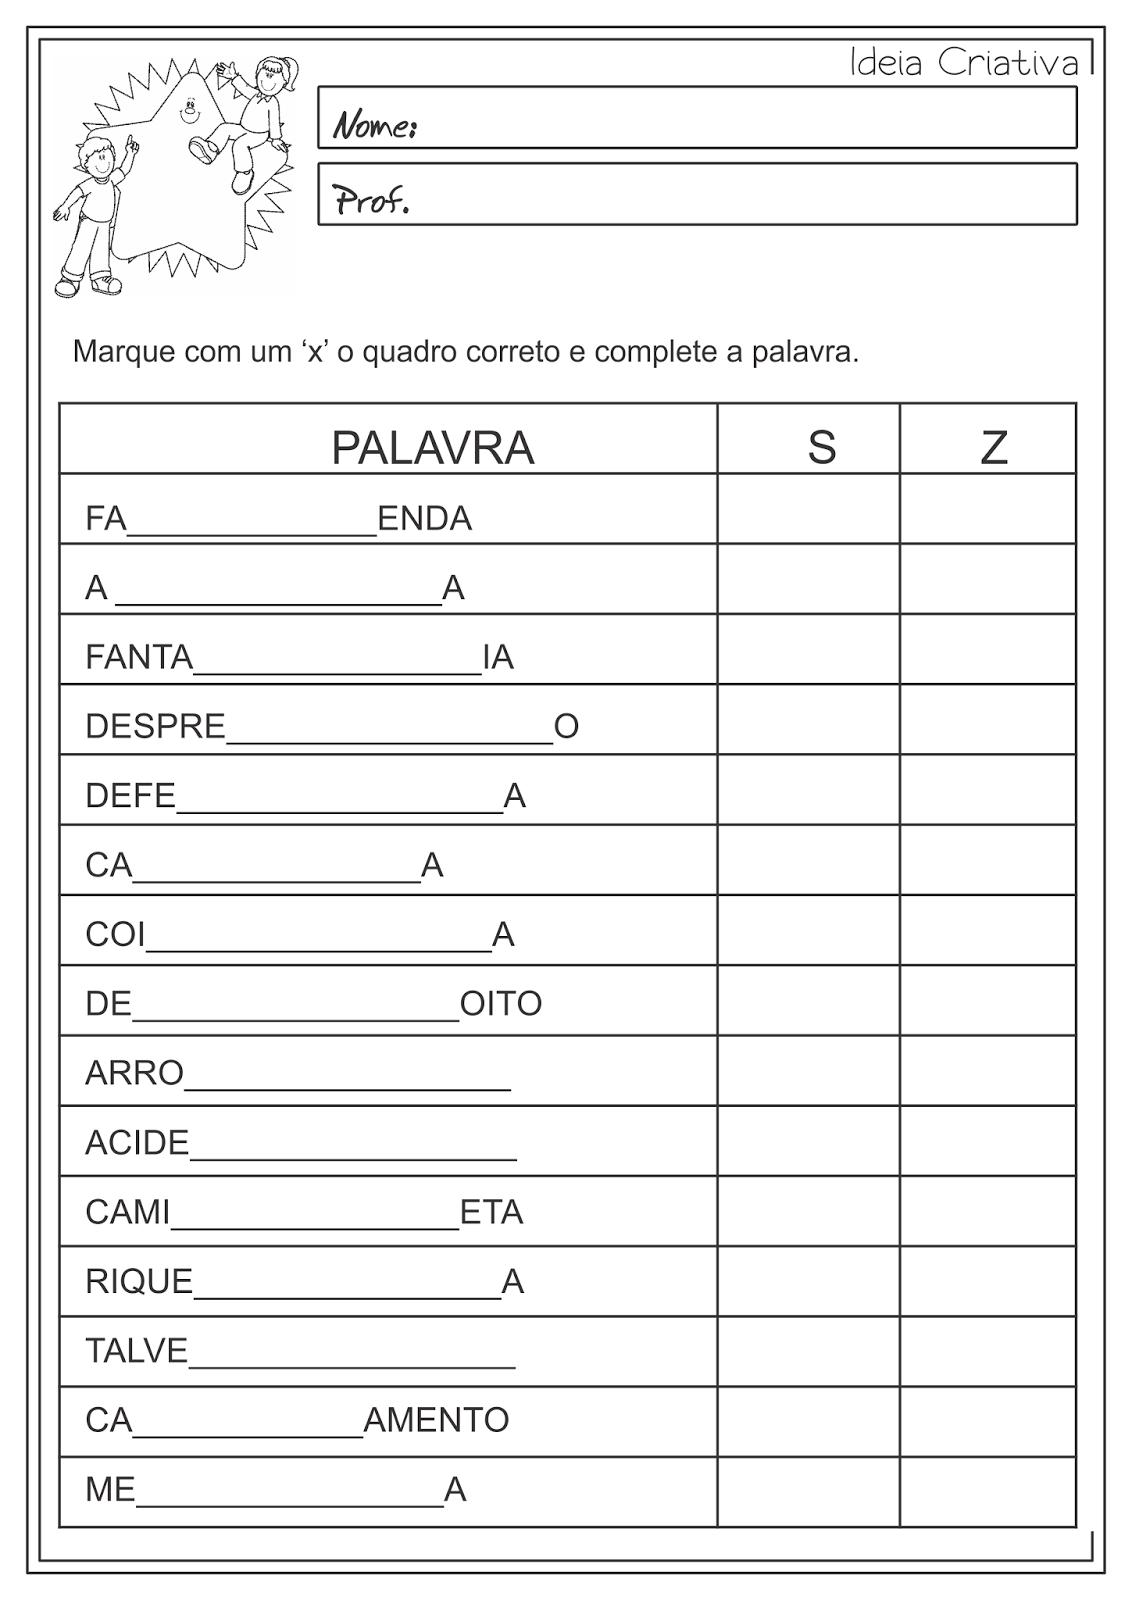 Atividades Educativas Uso de 'S' e 'Z' e Classes Gramaticais (Verbo e Adjetivo) Língua Portuguesa 2°/3° ano fundamental